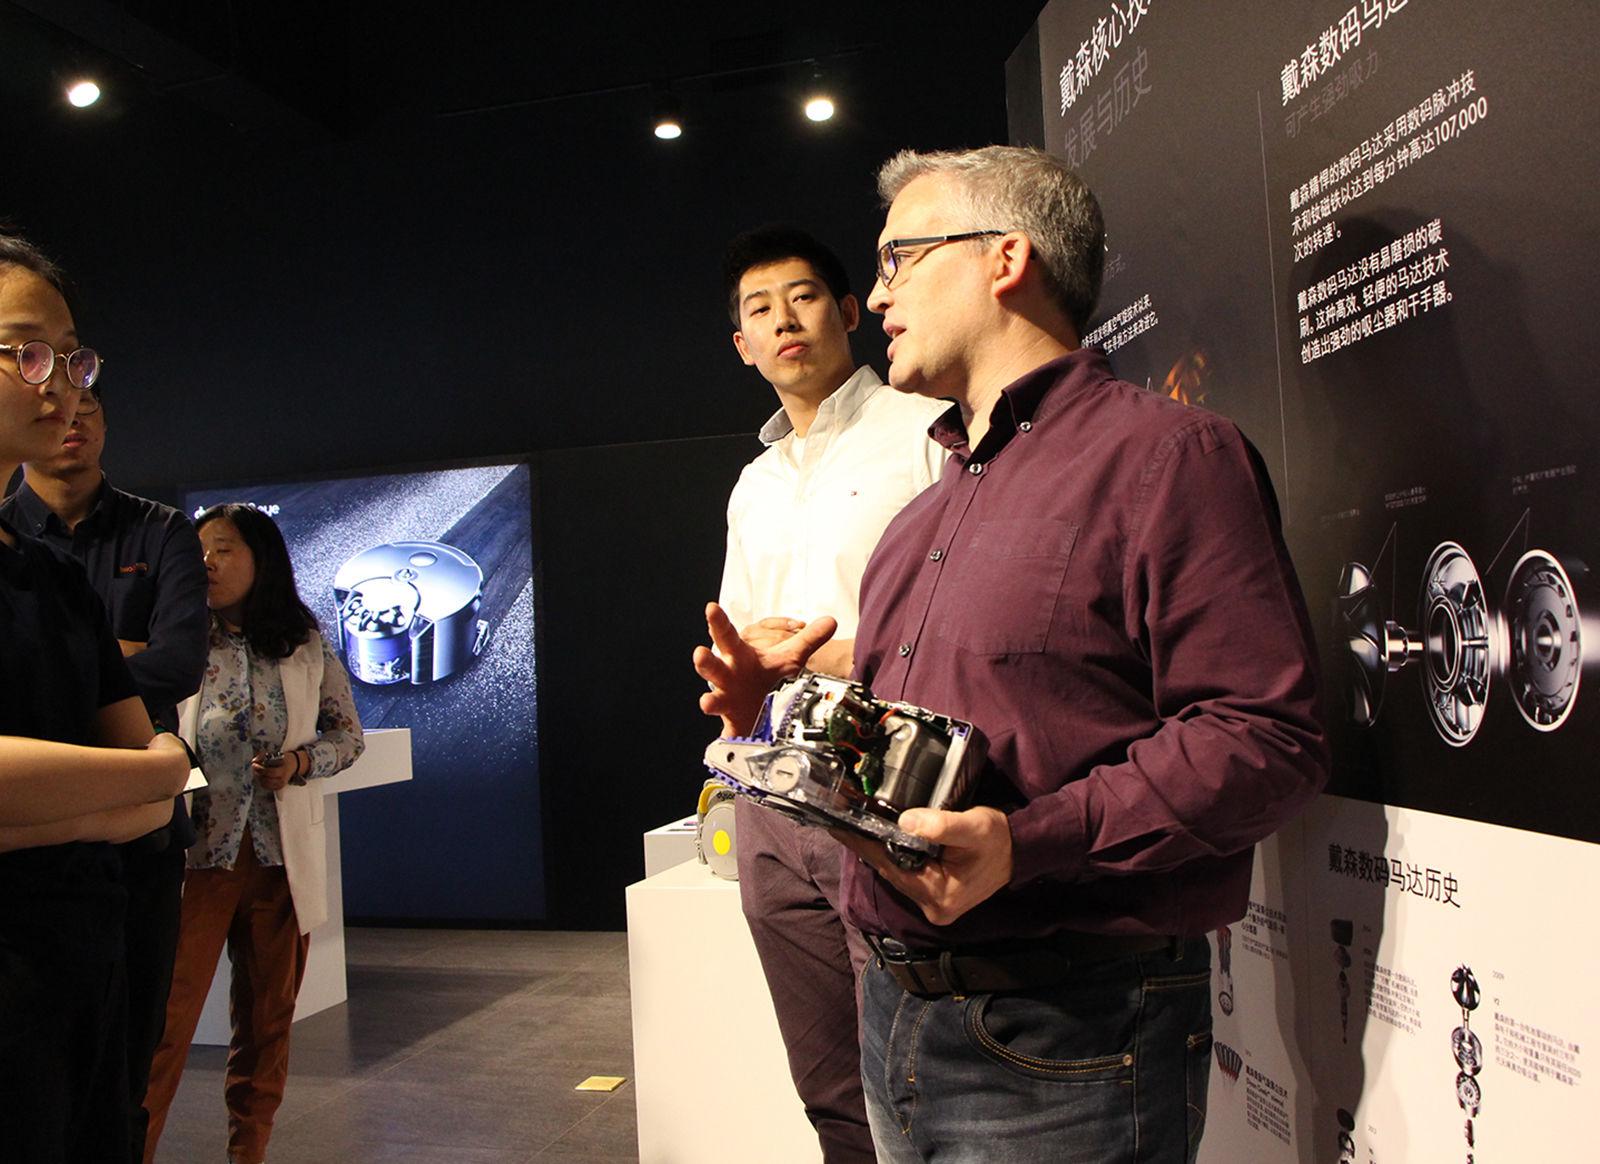 戴森 360 Eye 智能吸尘机器人体验